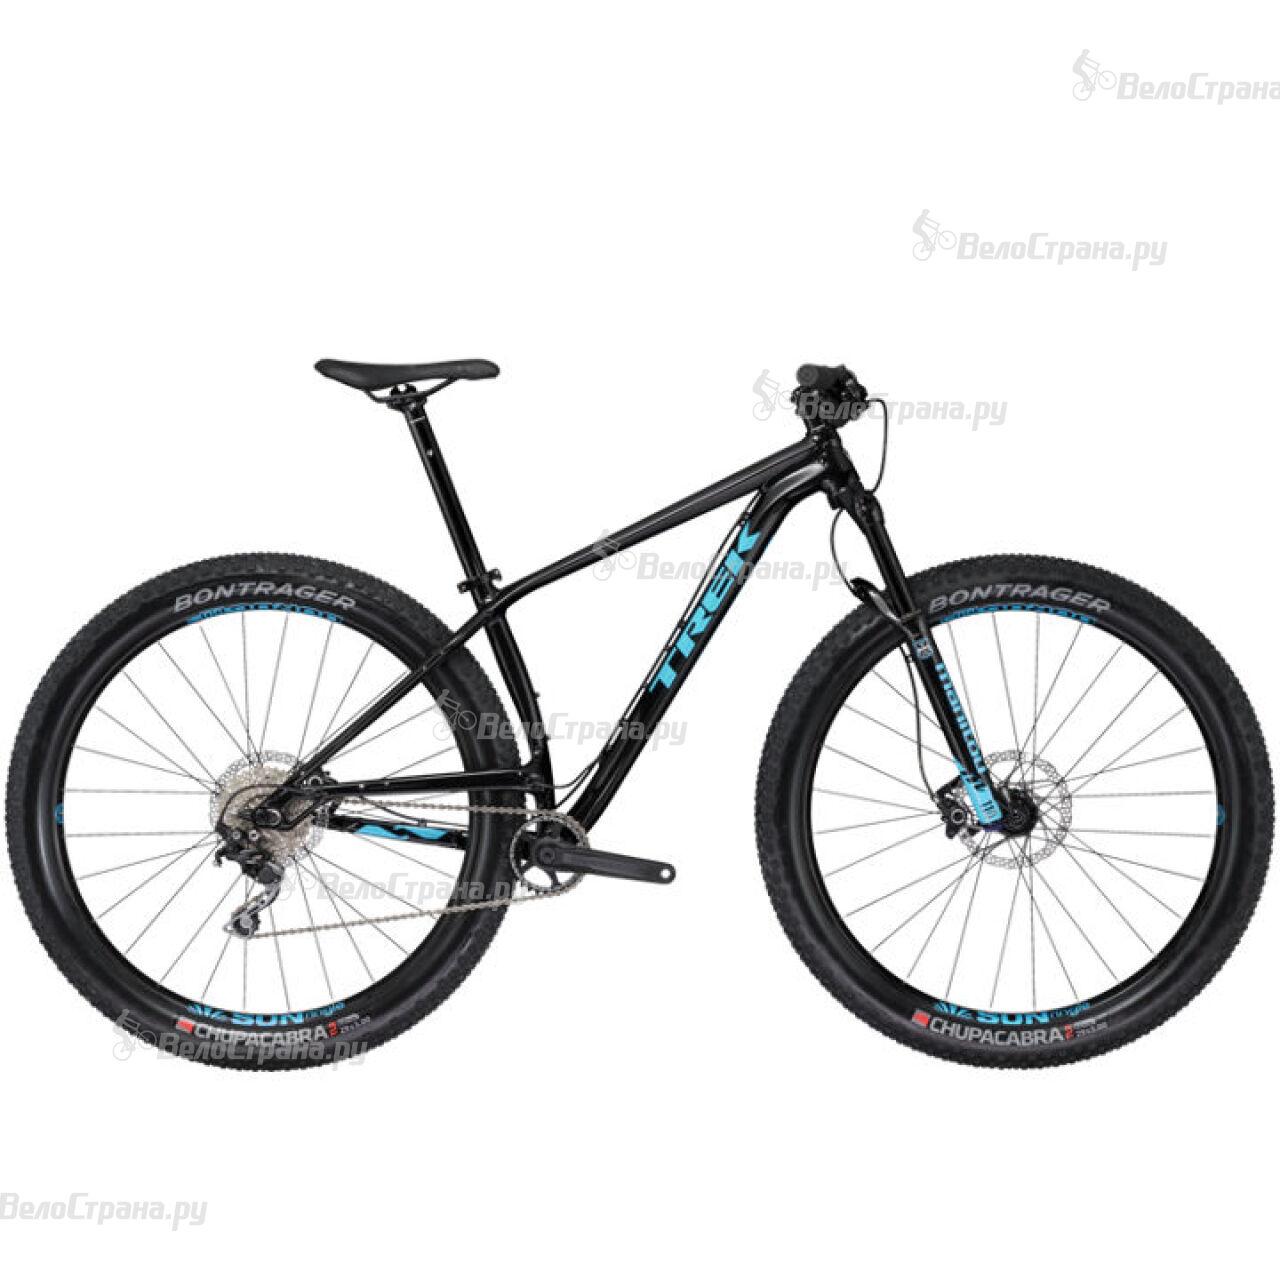 Велосипед Trek Stache 5 (2017) велосипед trek stache 7 2017